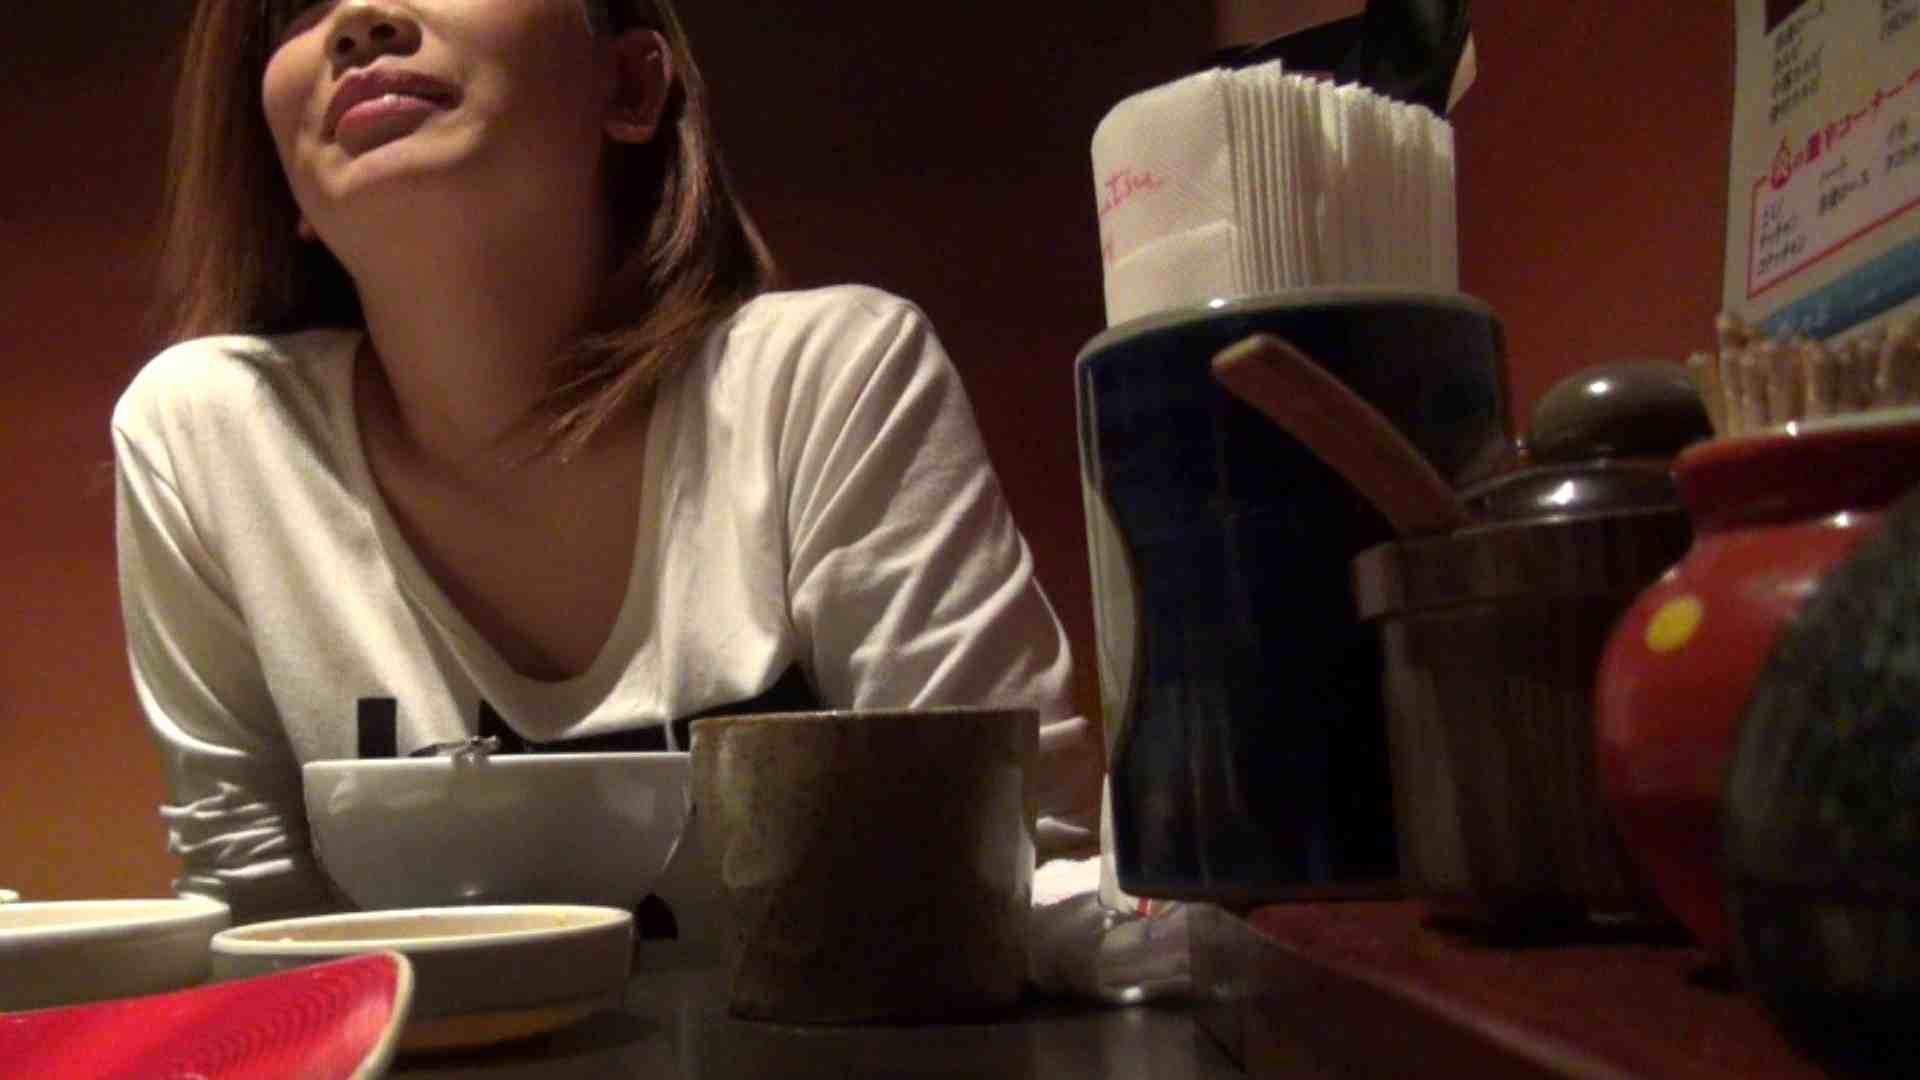 【出会い01】大助さんMちゃんと食事会 悪戯 | 友人  56pic 38